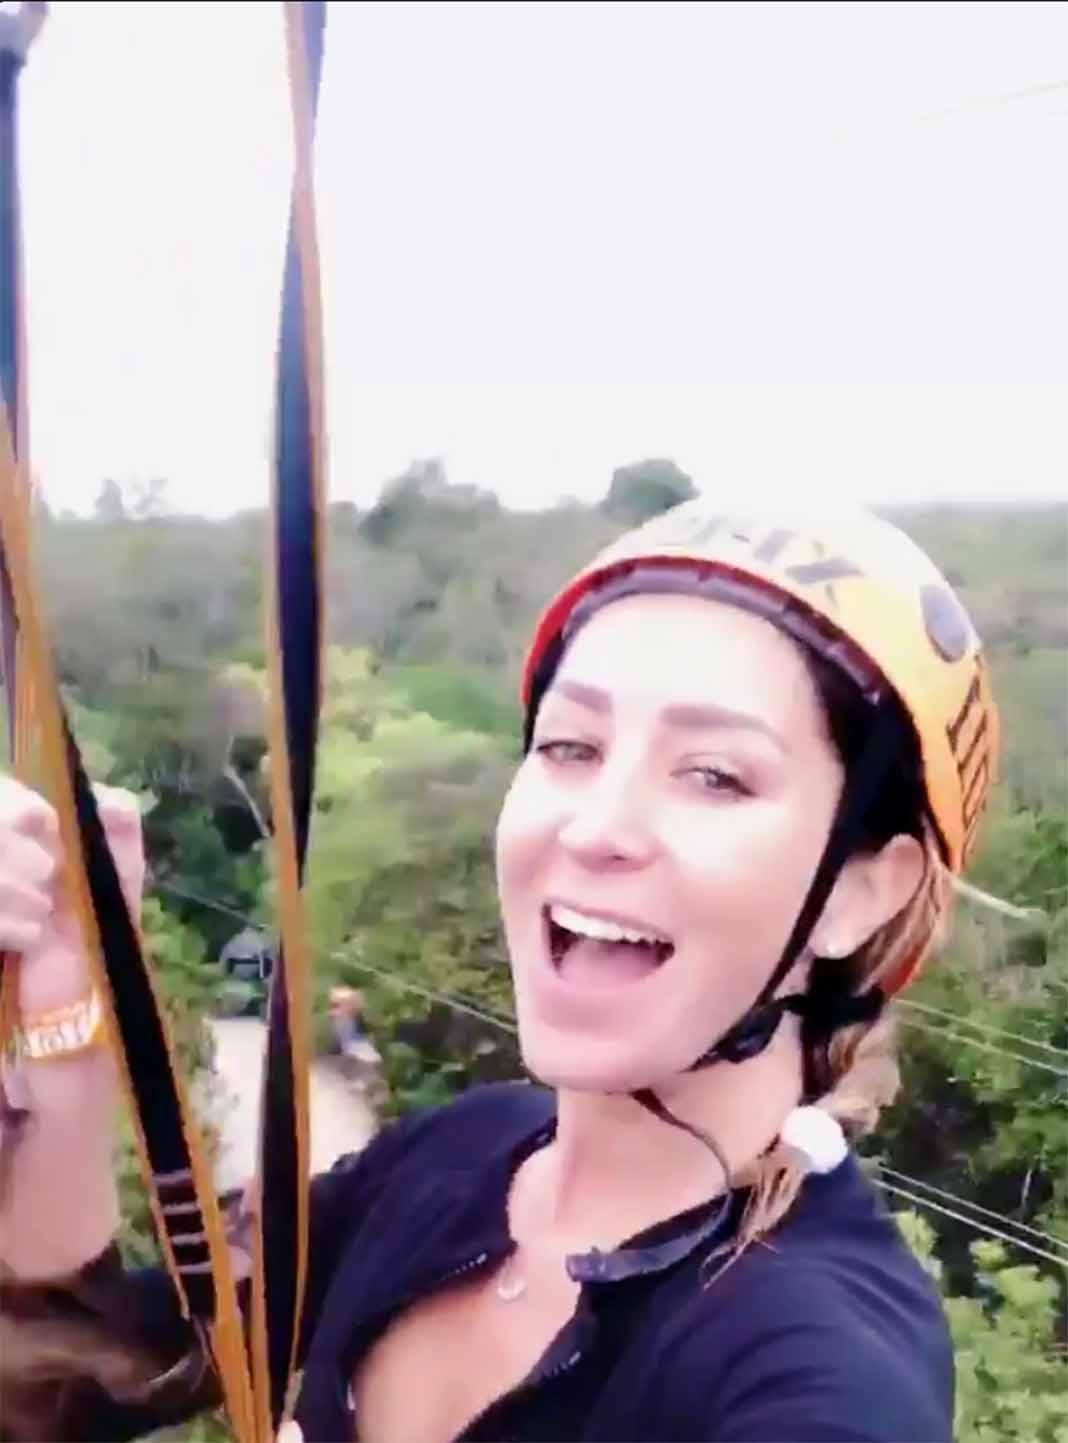 Geraldine se divirtió como niña en la tirolesa sobre las copas de los árboles